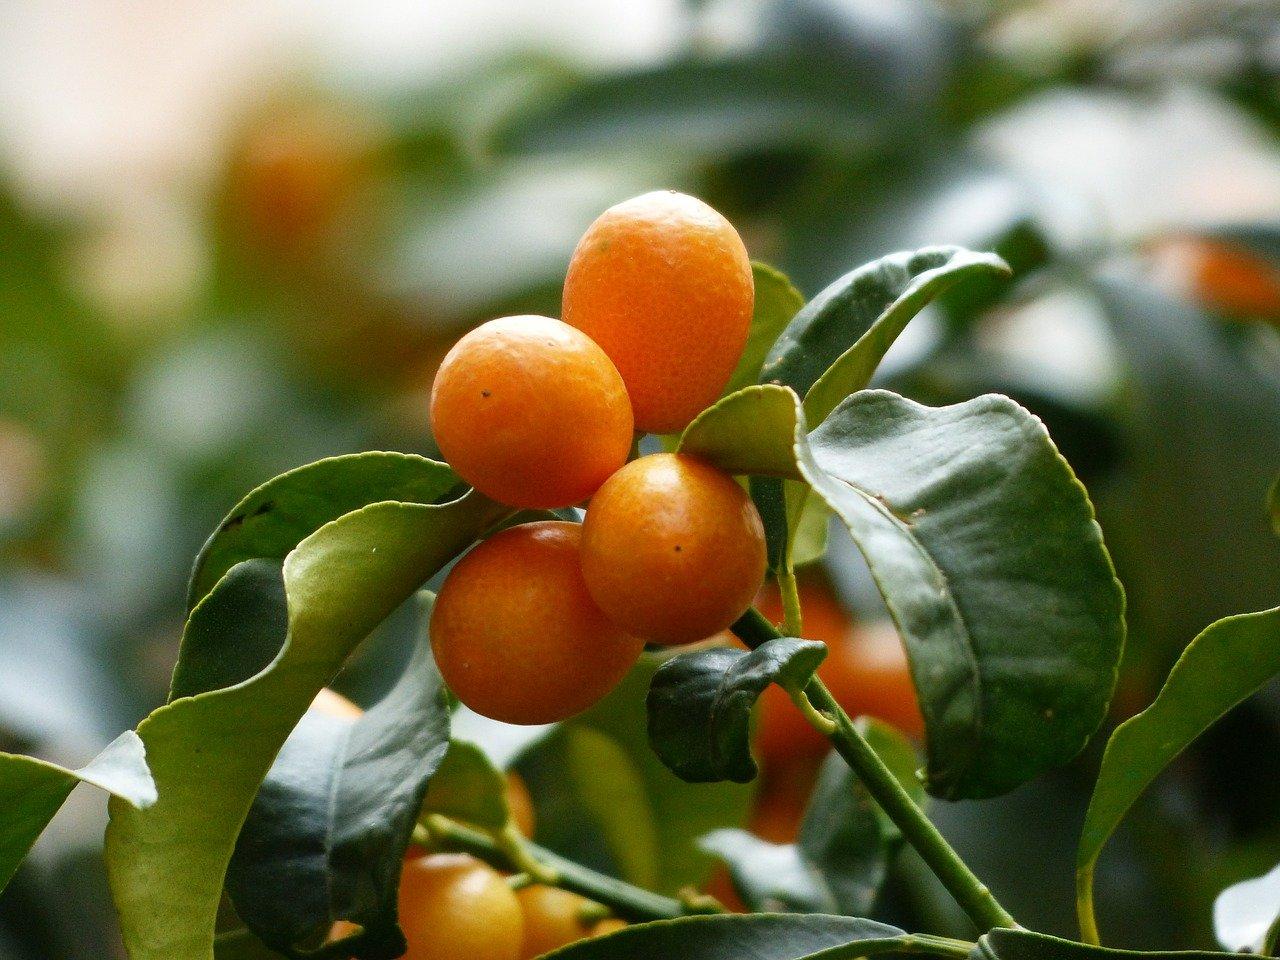 「金柑」の食べごろ・旬はいつ?もちろん柑橘類の仲間・・・とは言い切れない?